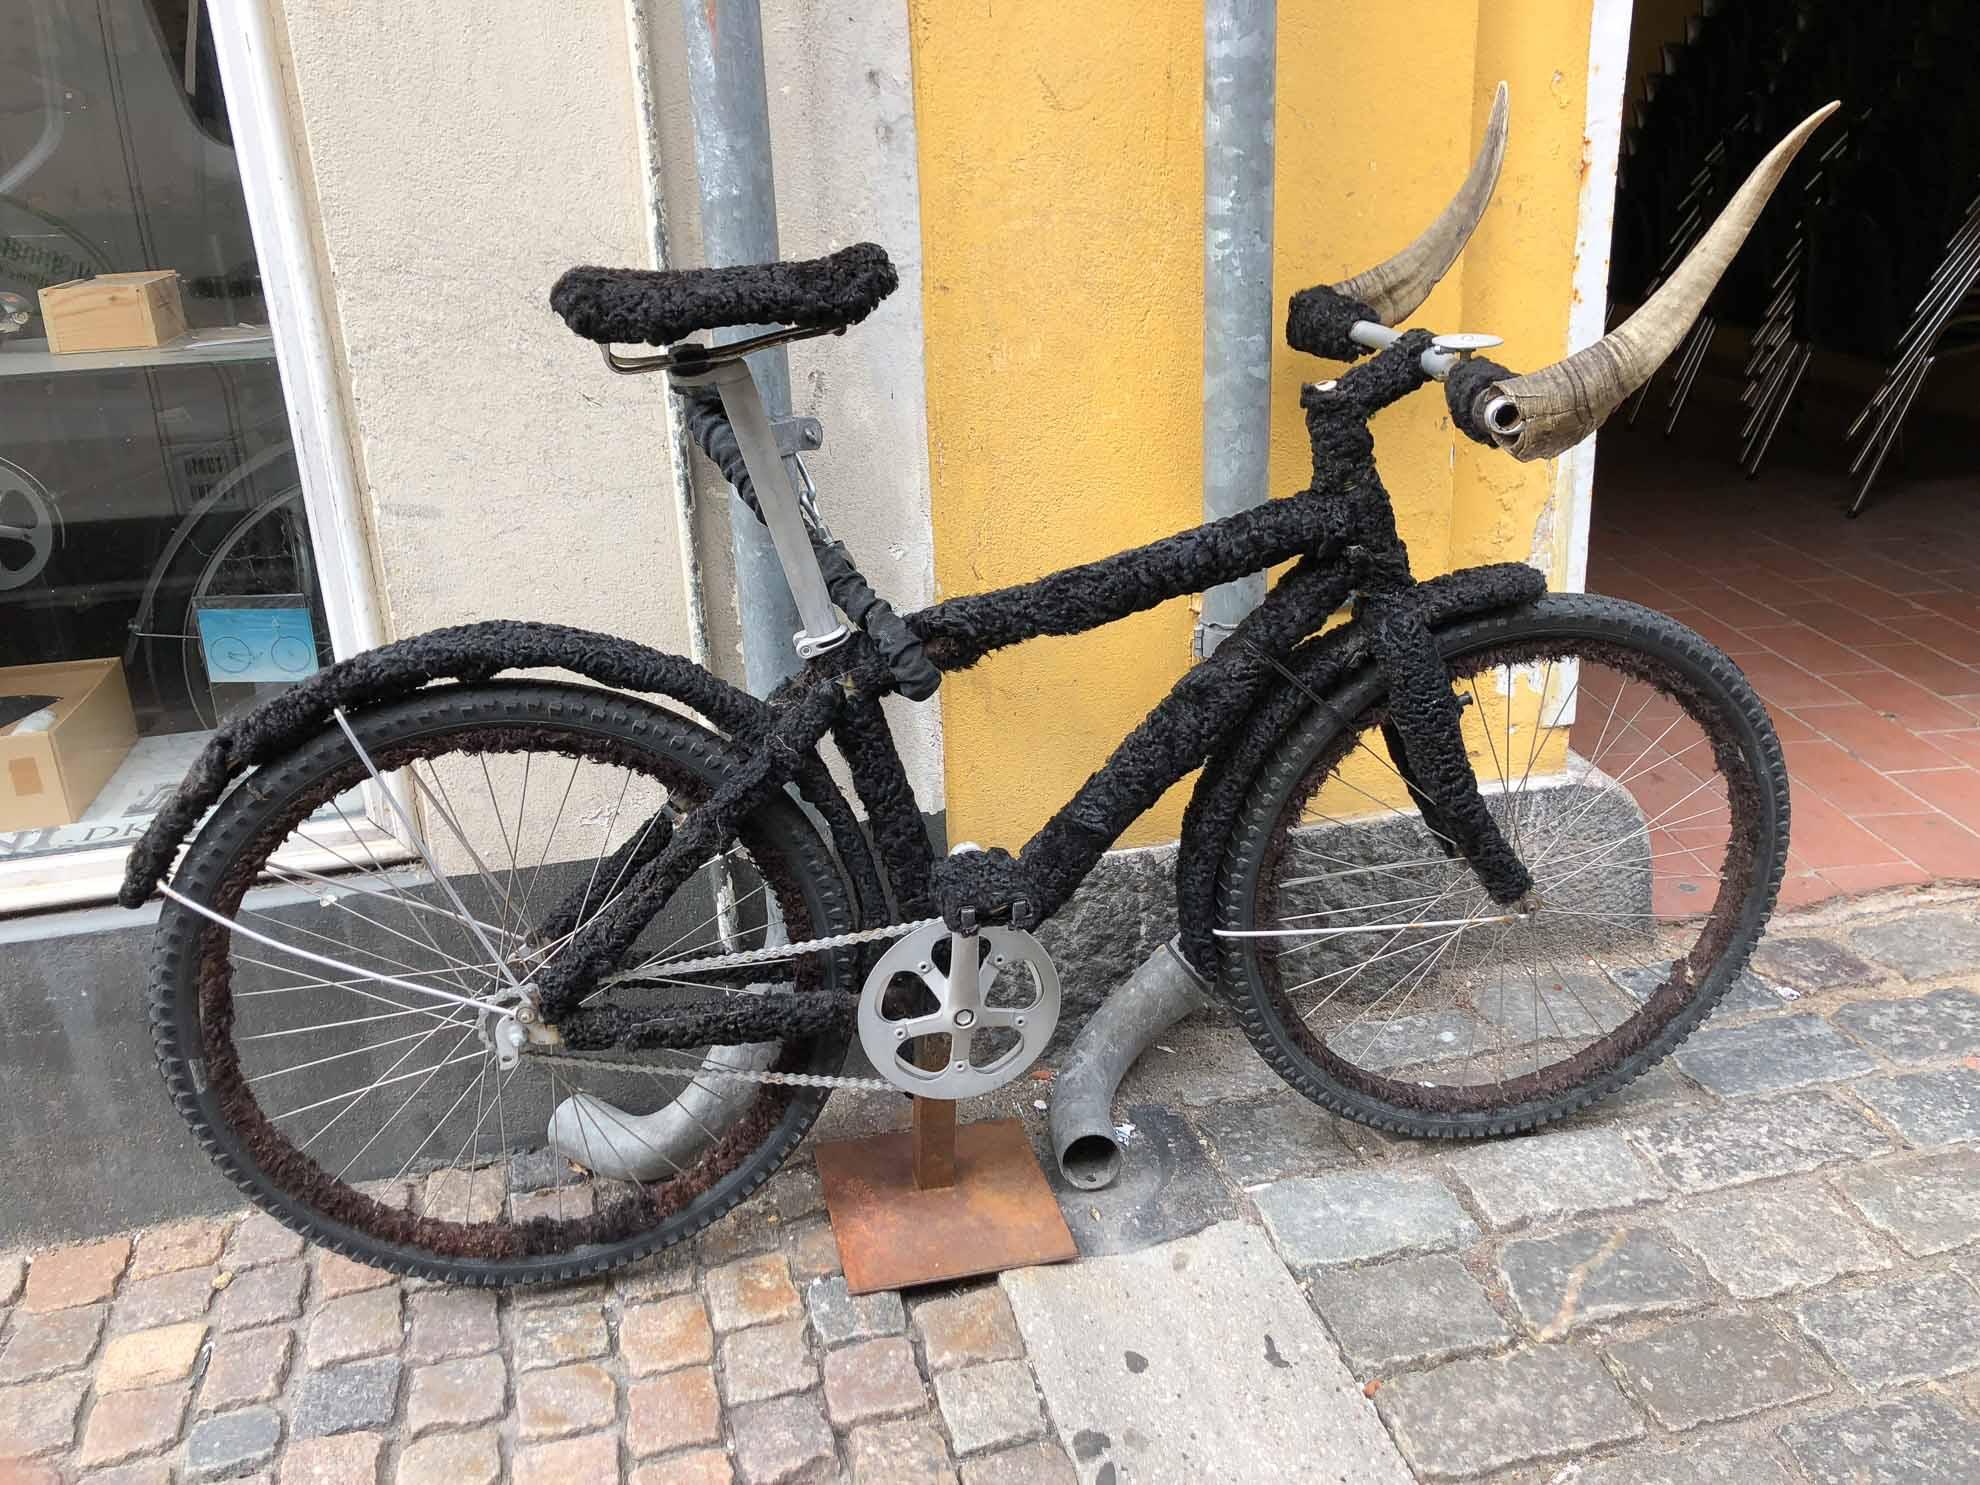 Praktisch oder beängstigend? Ein etwas anderes Fahrrad ...